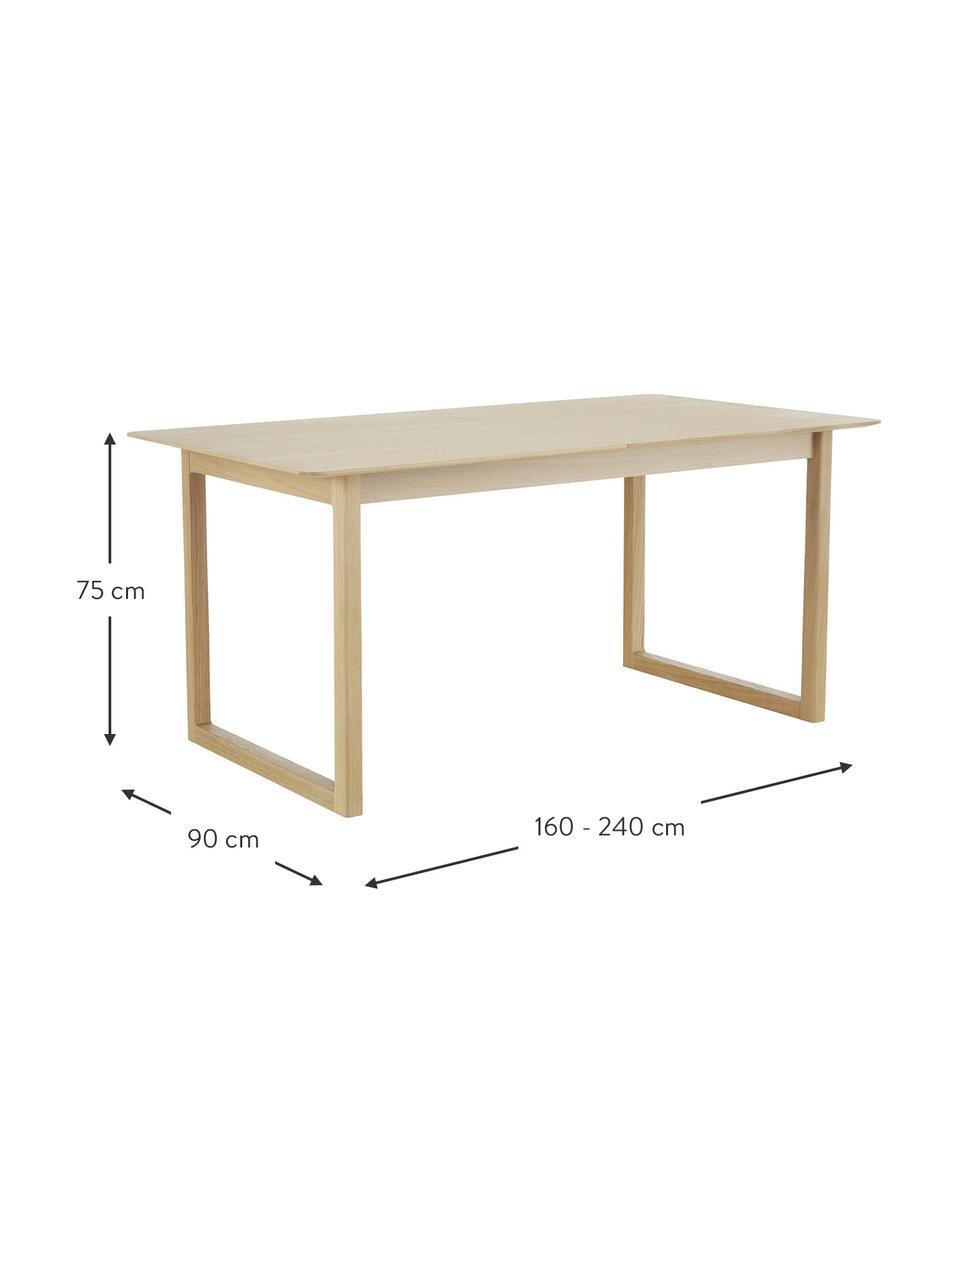 Uitschuifbare eettafel Calla met eikenhoutfineer, Tafelblad: MDF met eikenhoutfineer, Poten: massief eikenhout, Licht hout, 160 x 90 cm